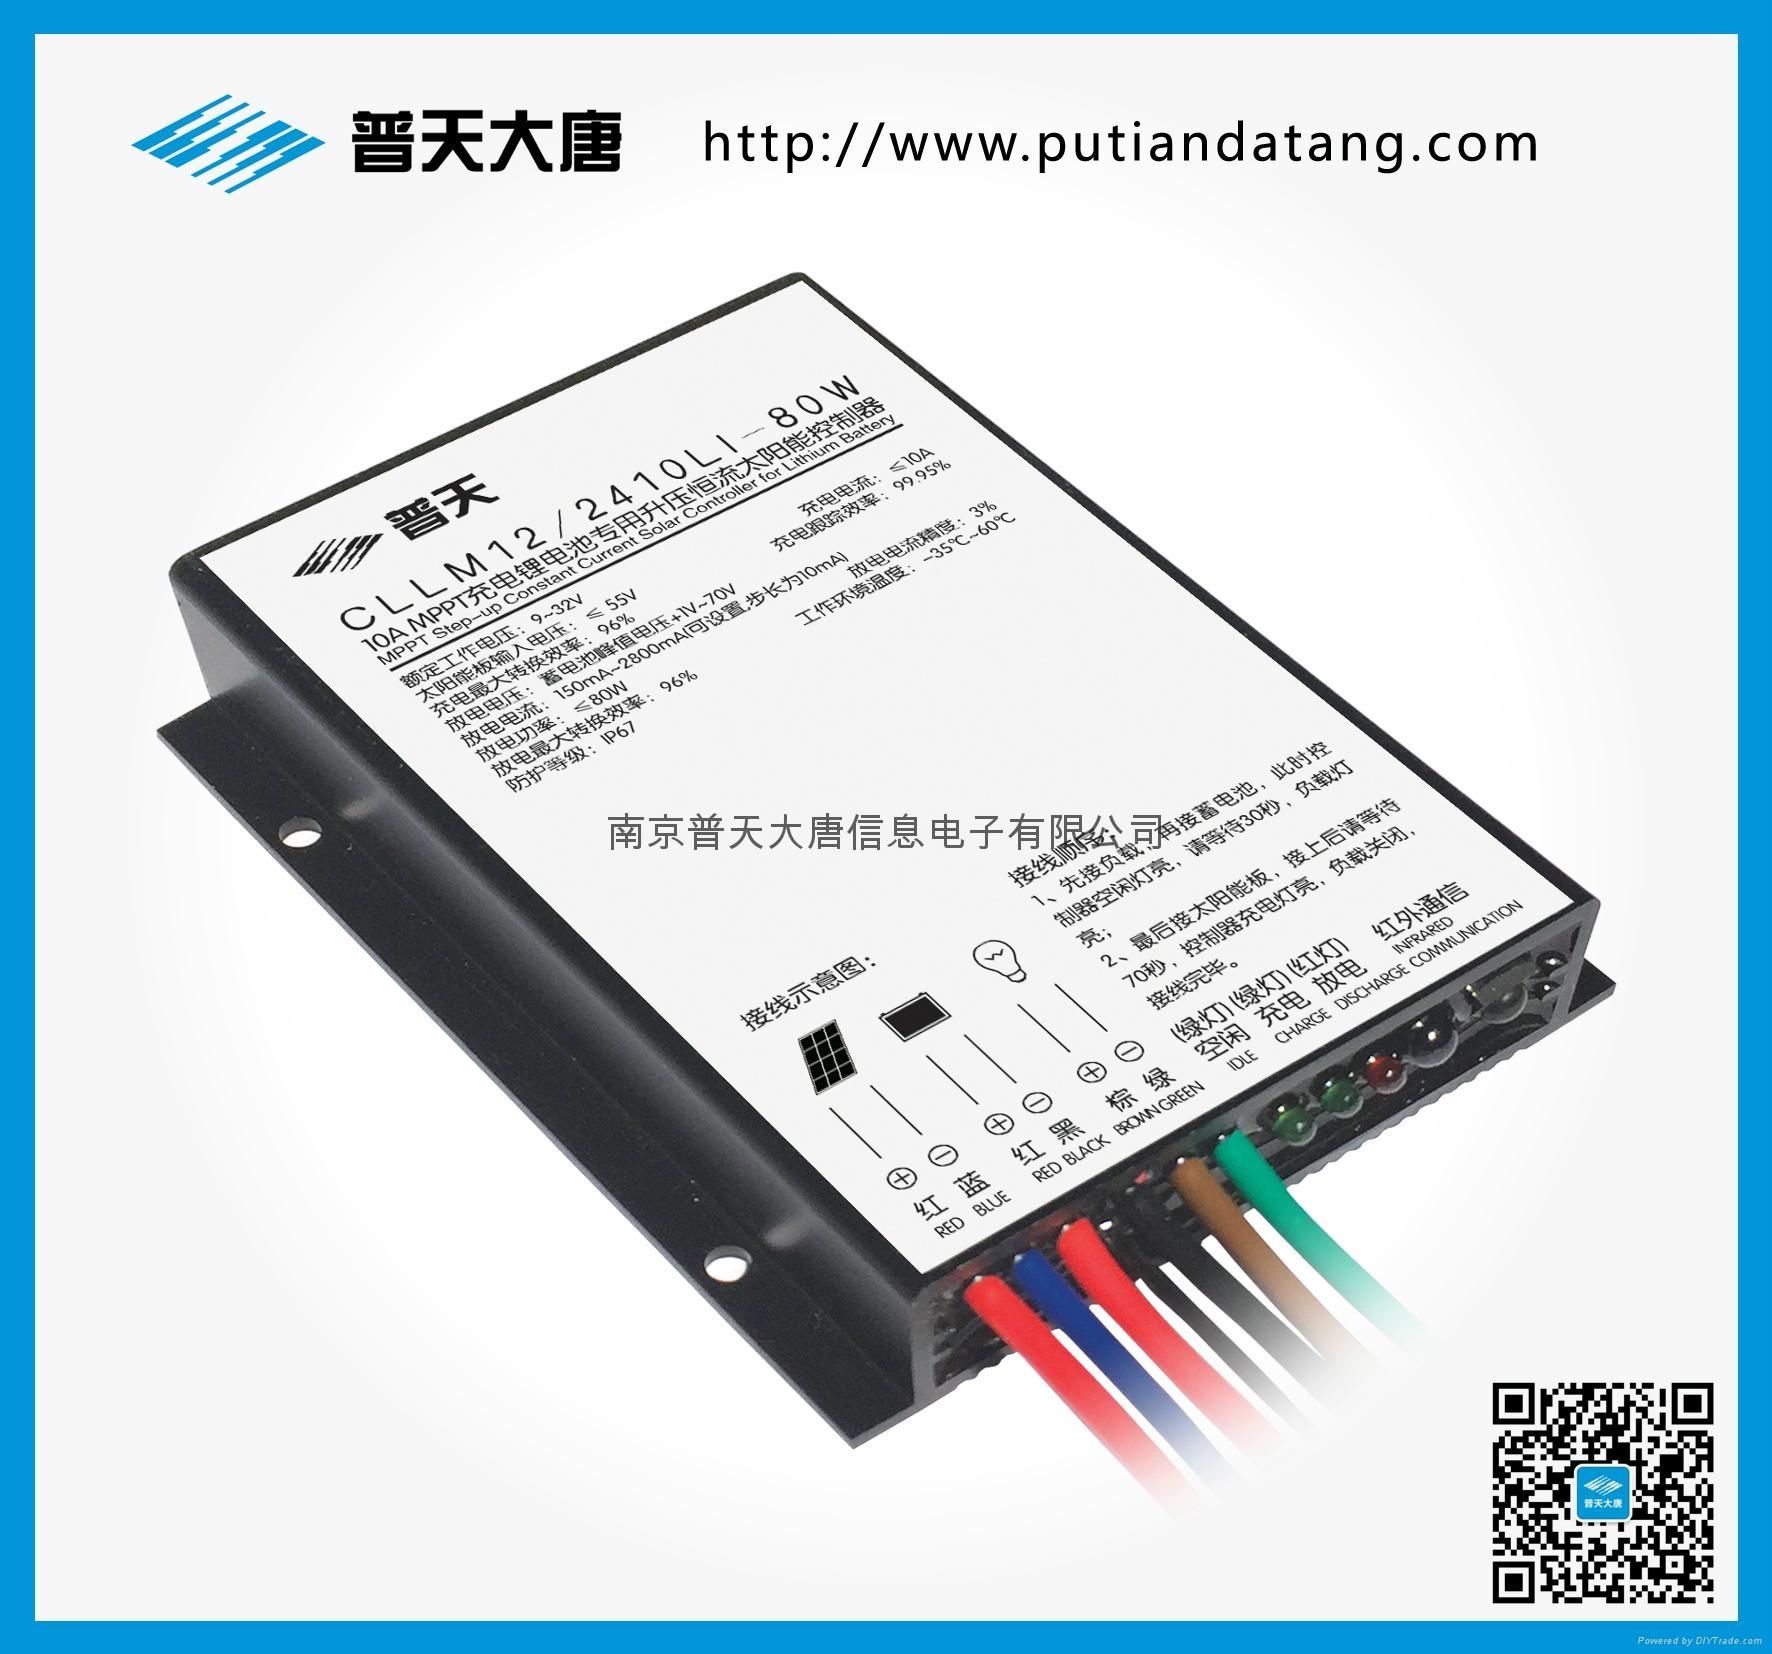 南京普天大唐升压型MPPT锂电池太阳能控制器 1